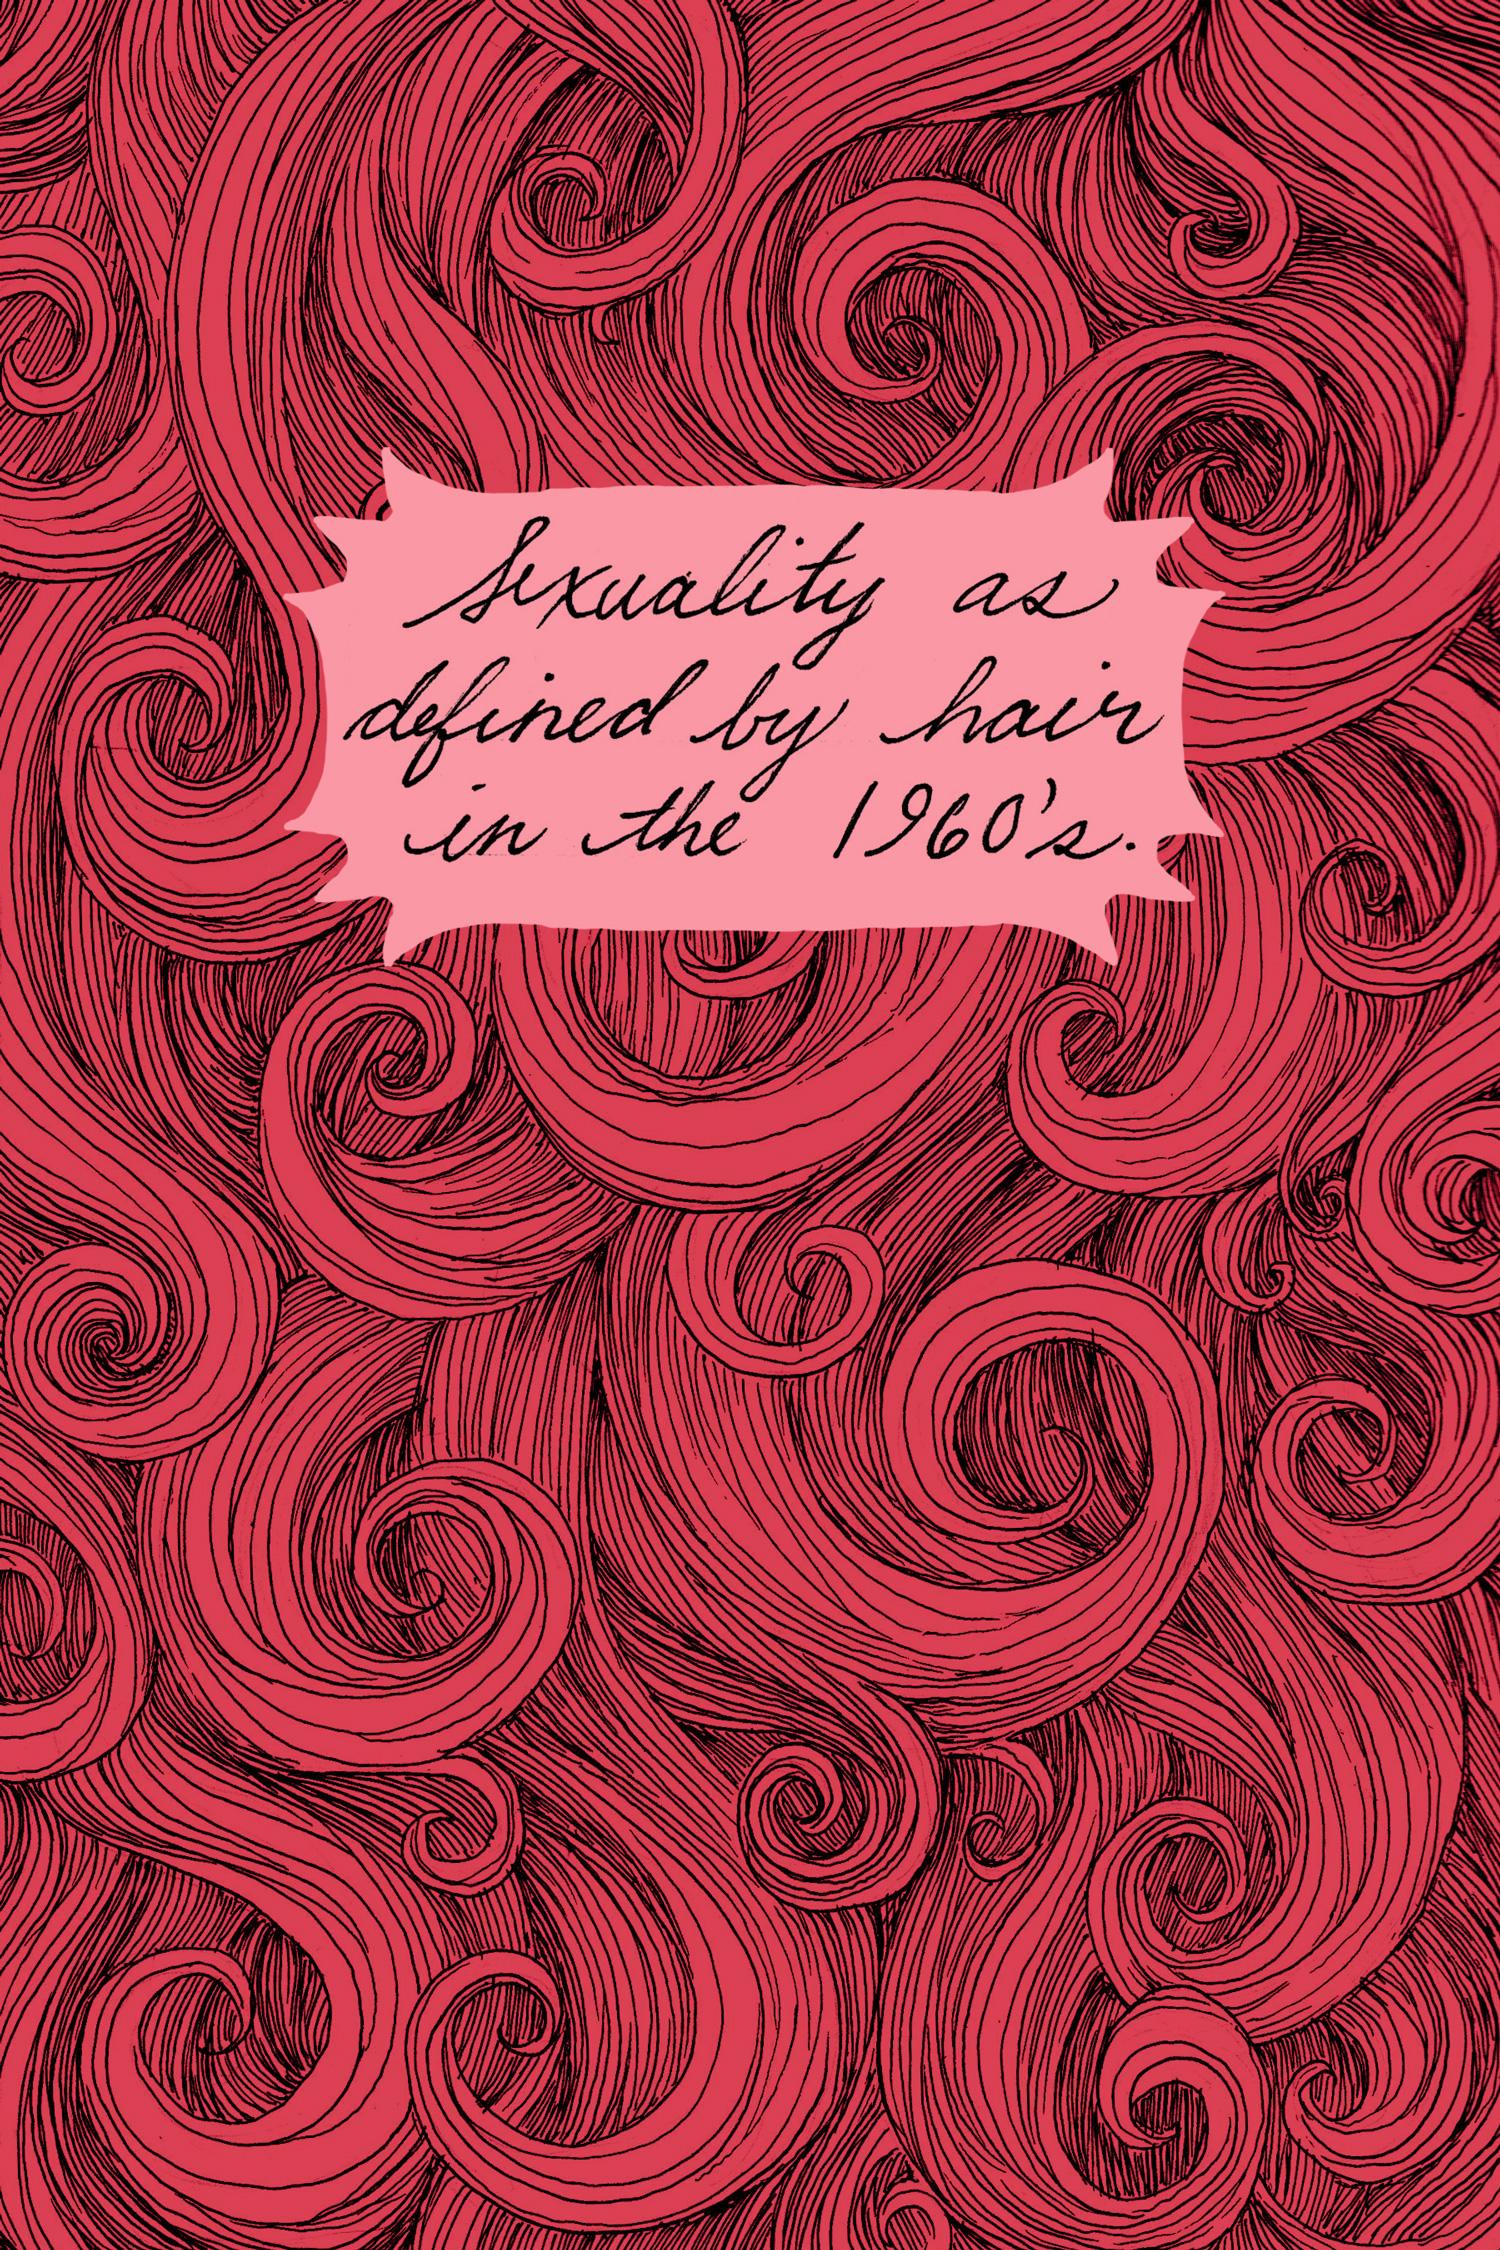 1960s_text_MeganLittle.jpg